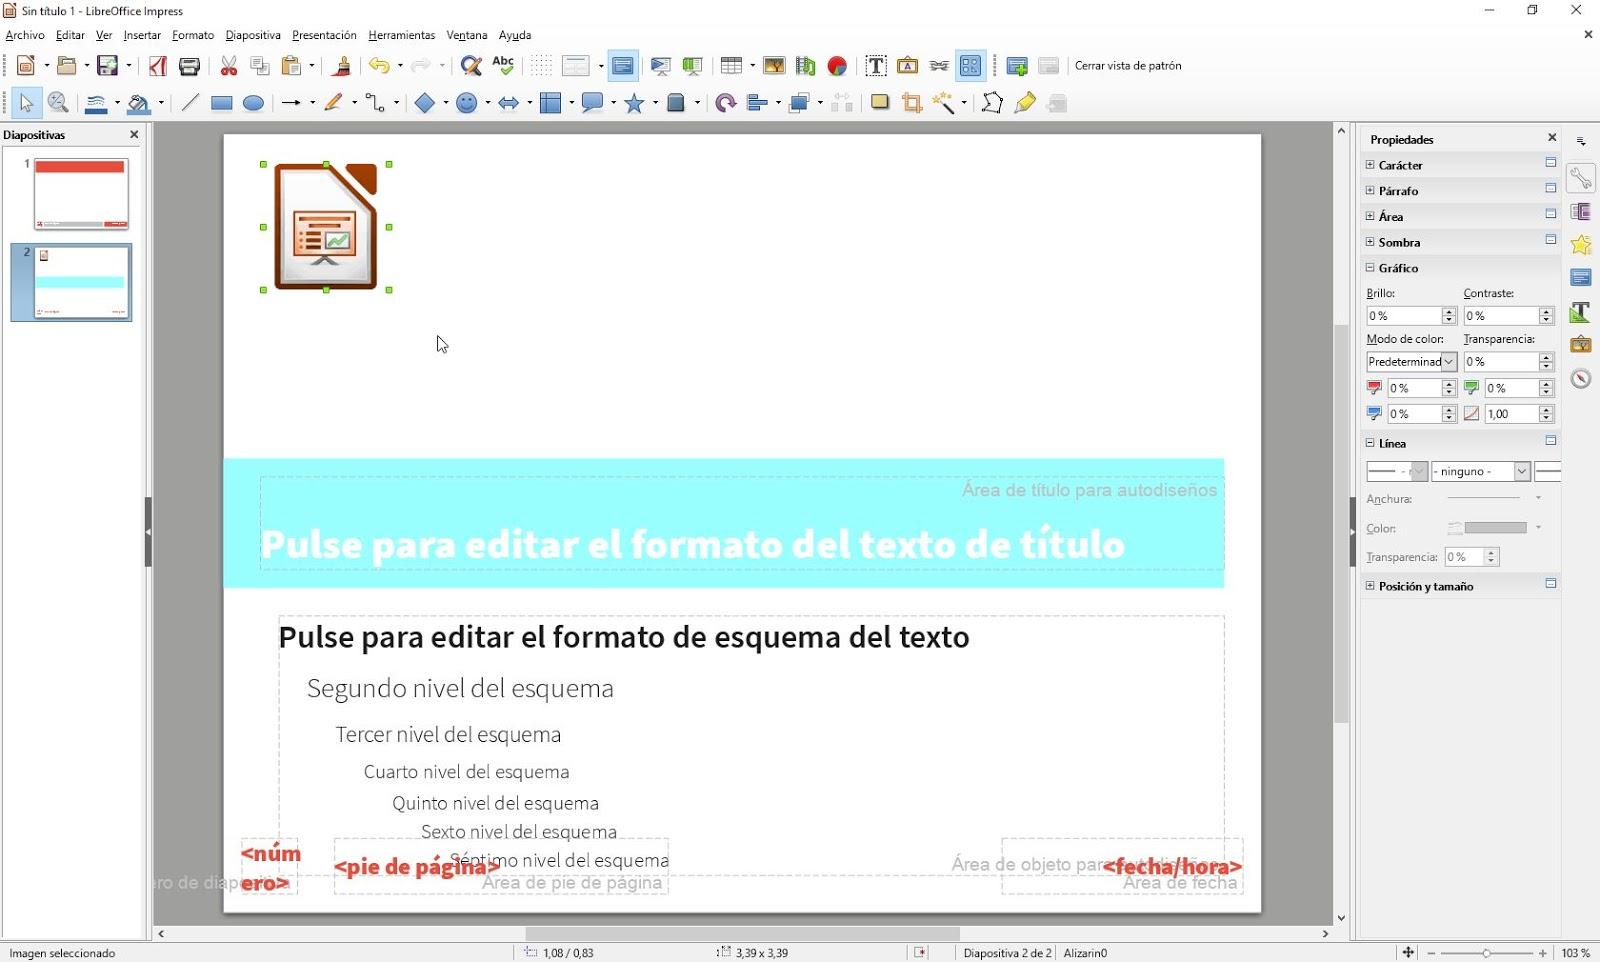 LibreOffice Impress - Patrón de diapositivas | Aplicaciones de Libre Uso